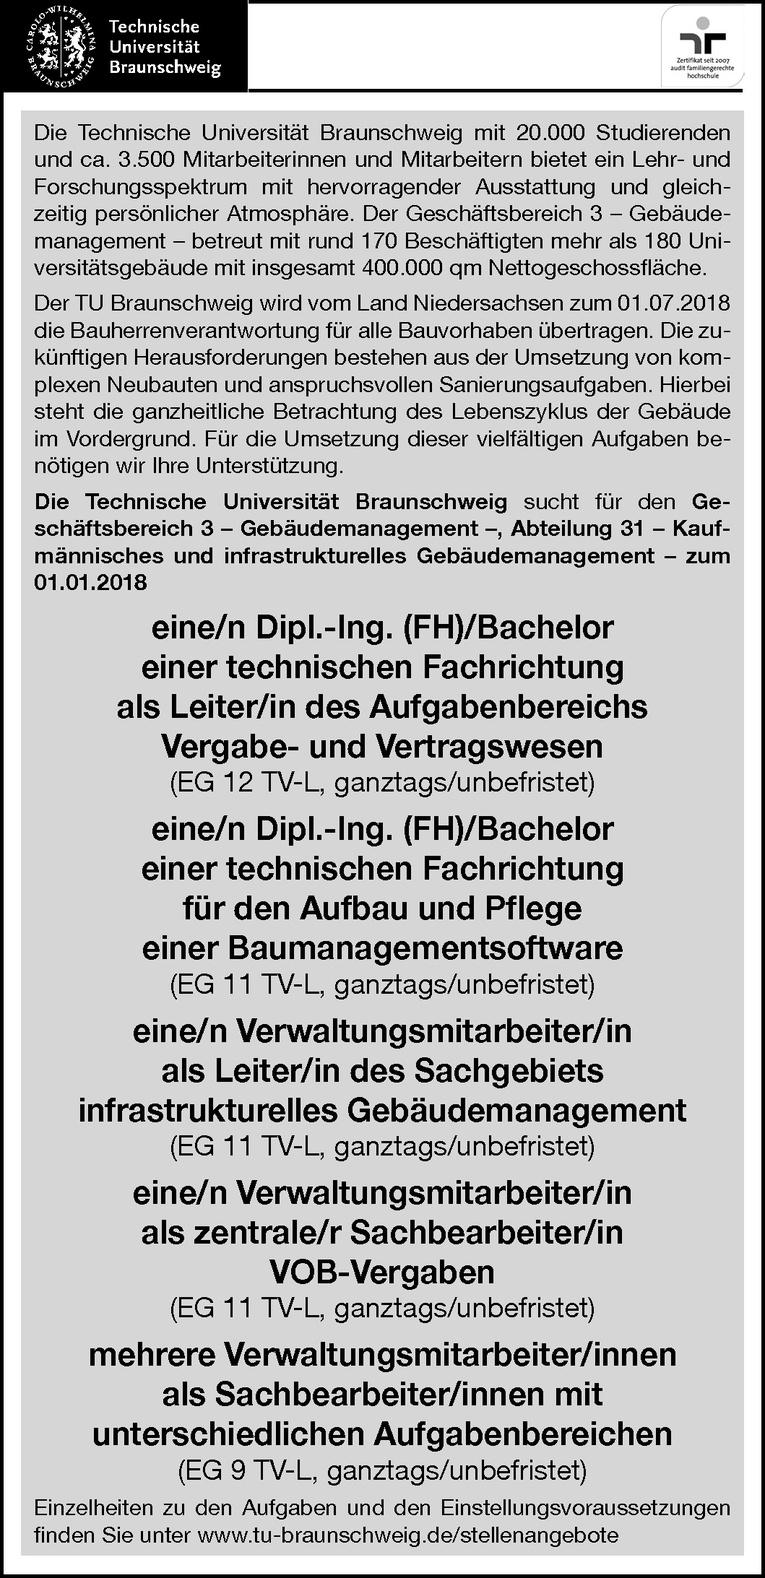 Leiter des Aufgabenbereichs Vergabe- und Vertragswesen (mw/)